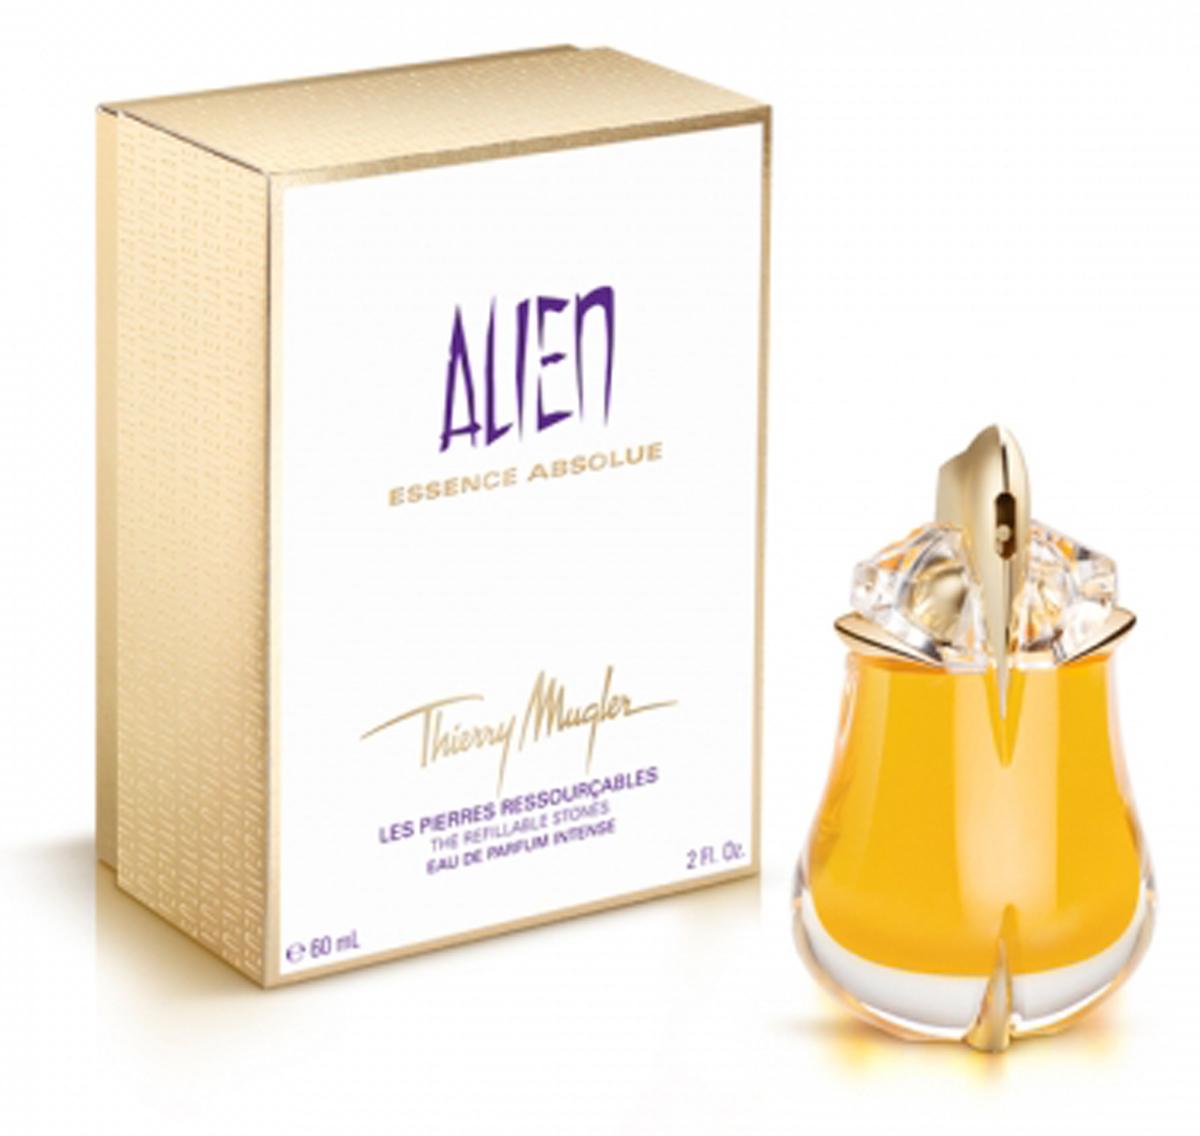 Thierry Mugler Парфюмированная вода Alien Essence Absolue, женская, 60 мл963410Ароматические, цветочные. Кашемировое дерево, амбра, ваниль, мирт, фимиам, жасмин.